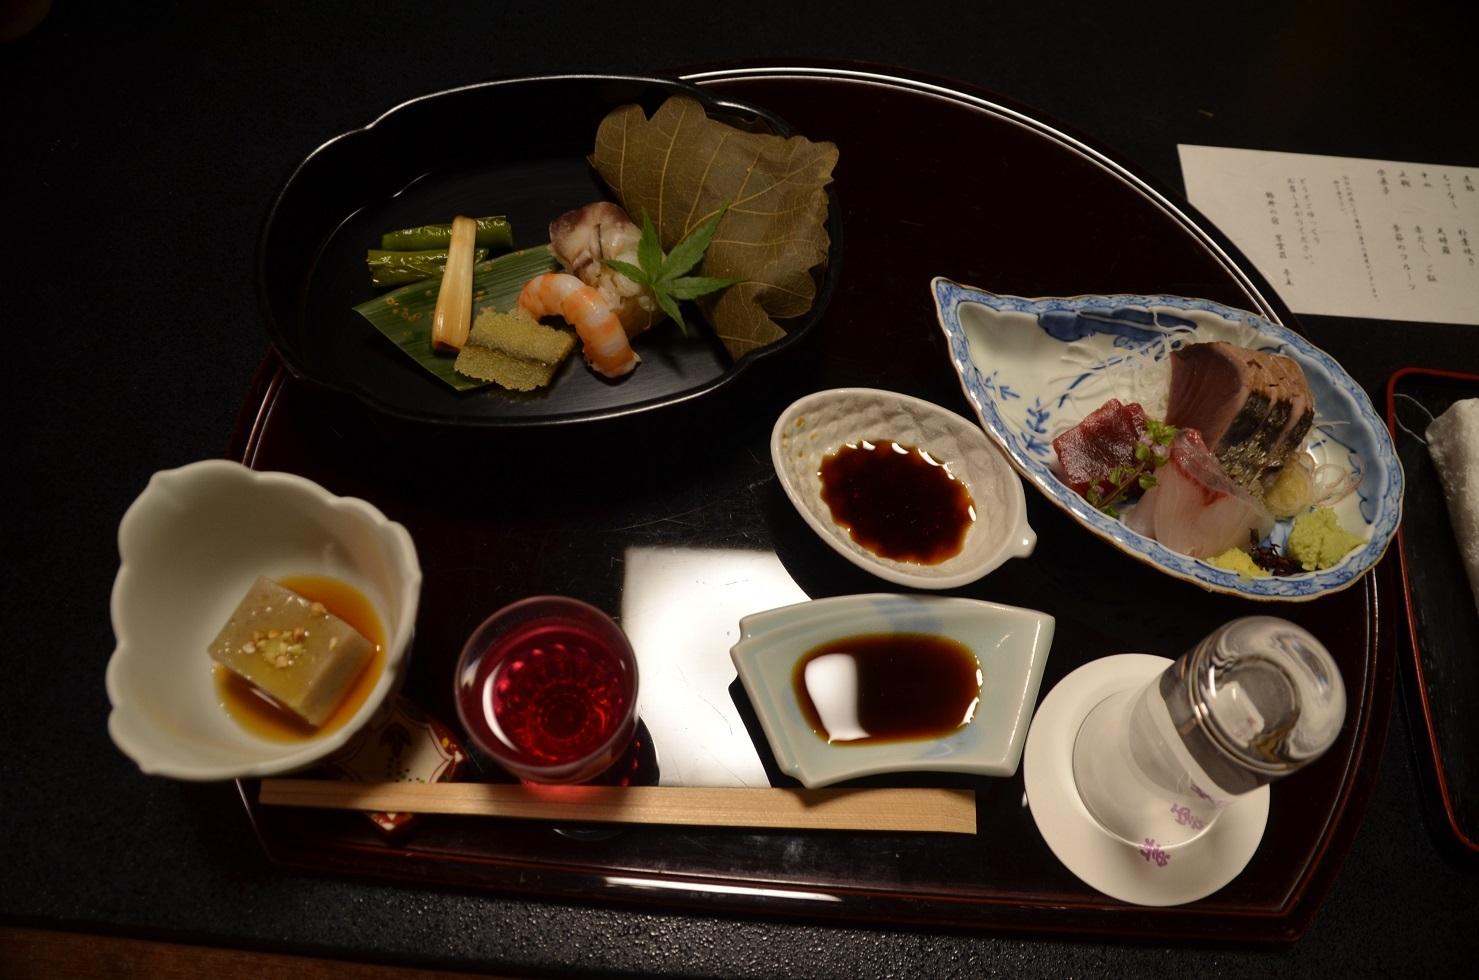 DSC_0315 (1)夕食の先付け